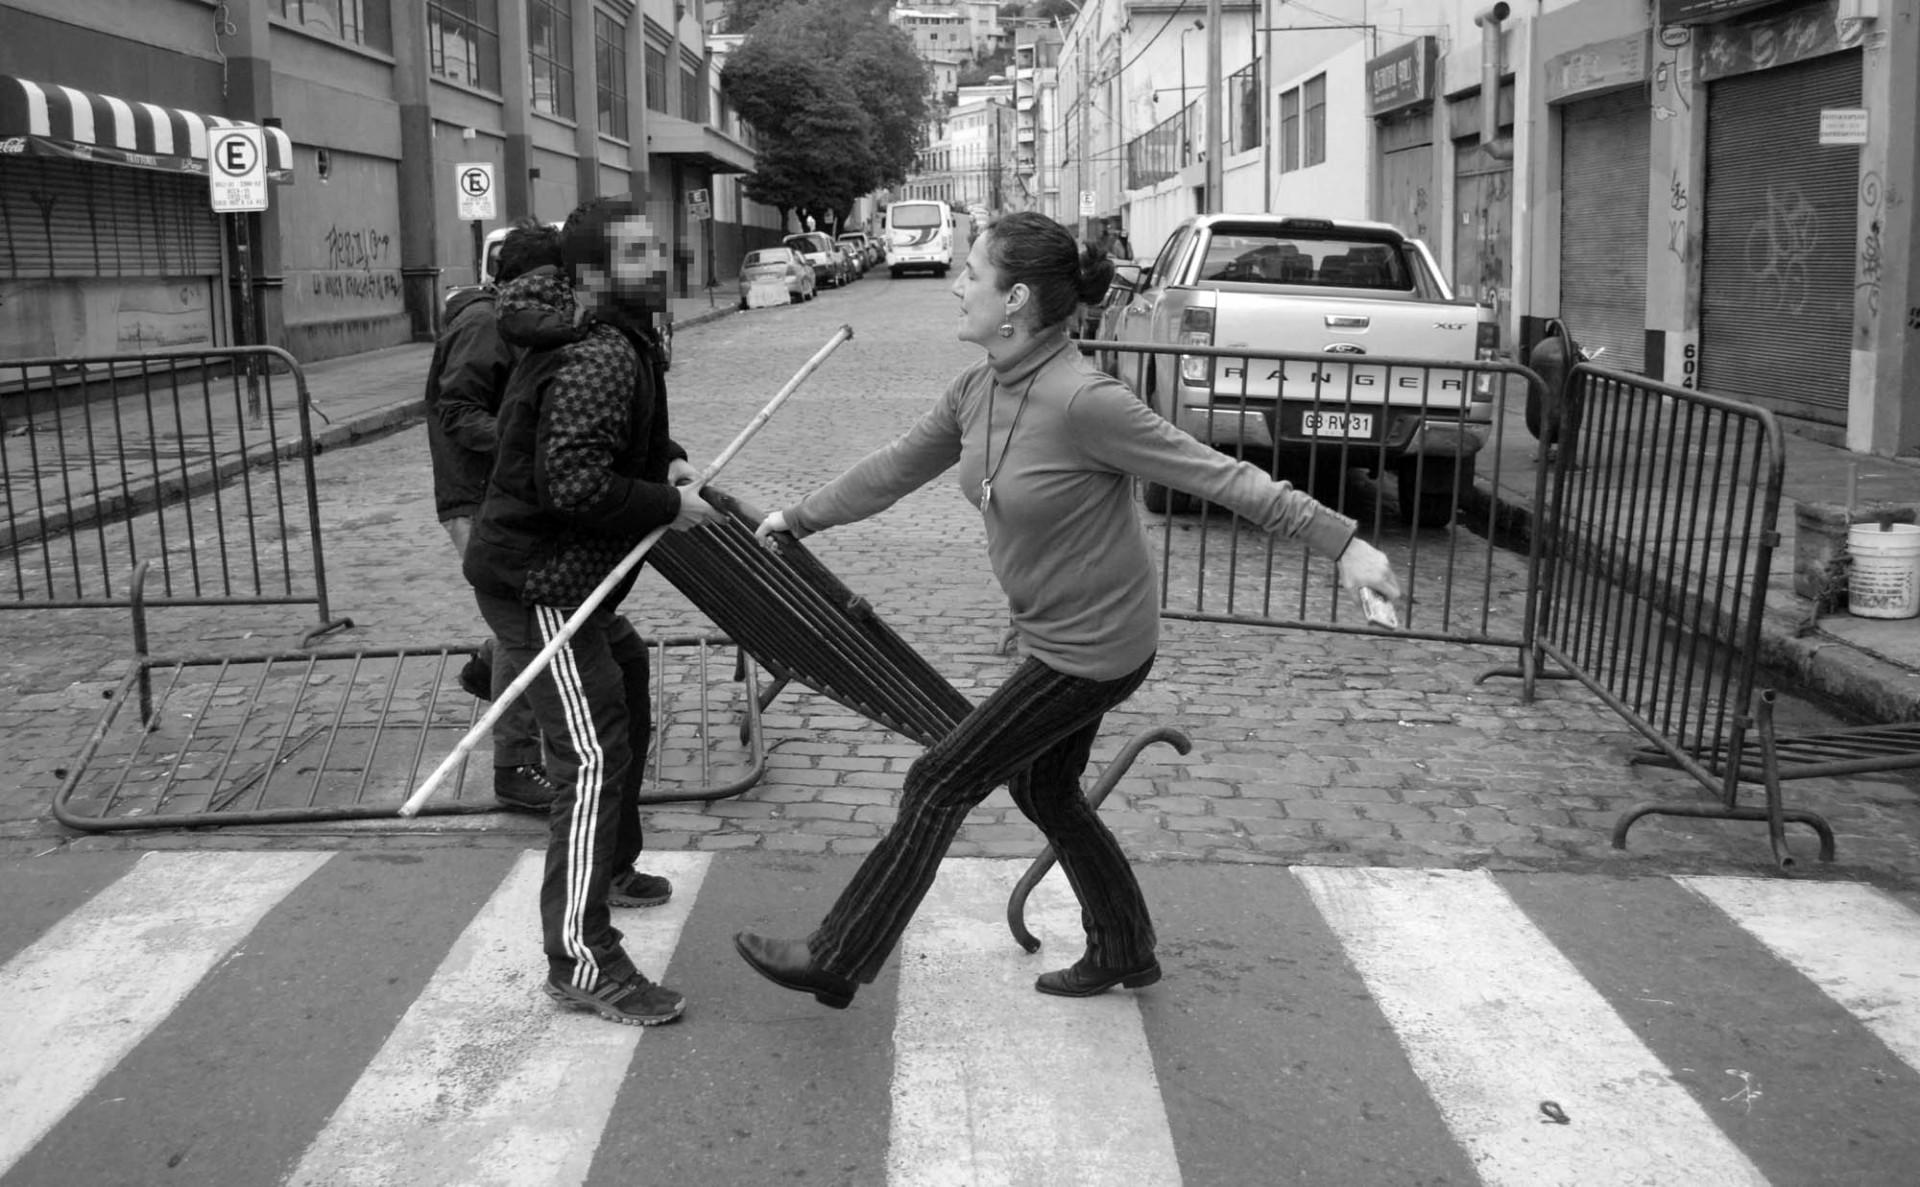 Una mujer intenta impedir que un joven saque de su lugar una barrera policial al final de la protesta. Foto: Dedvi Missene.